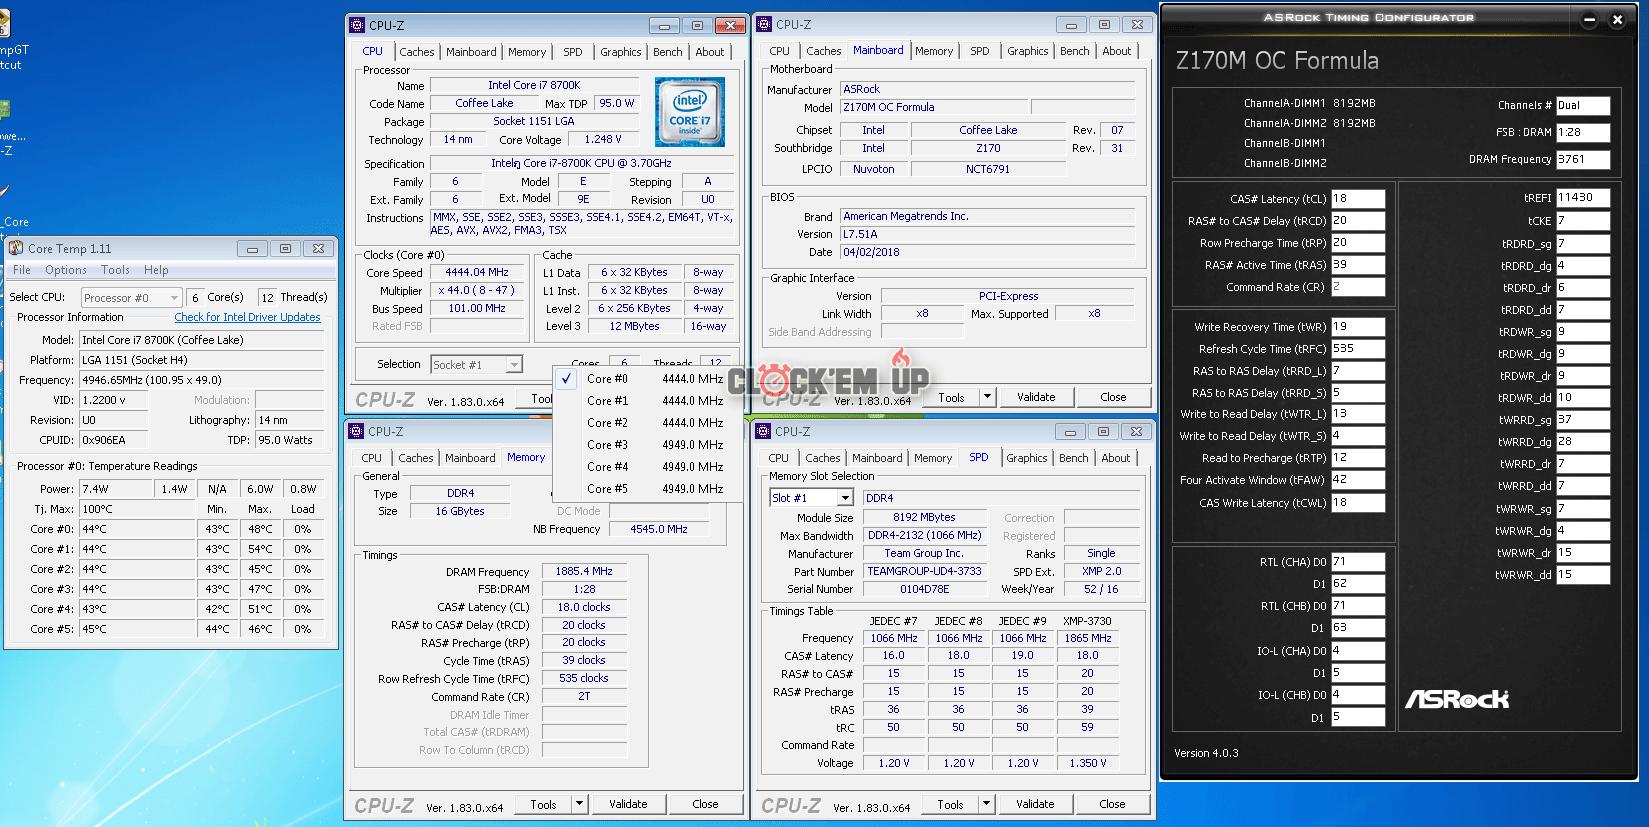 3700x Vs 8700k